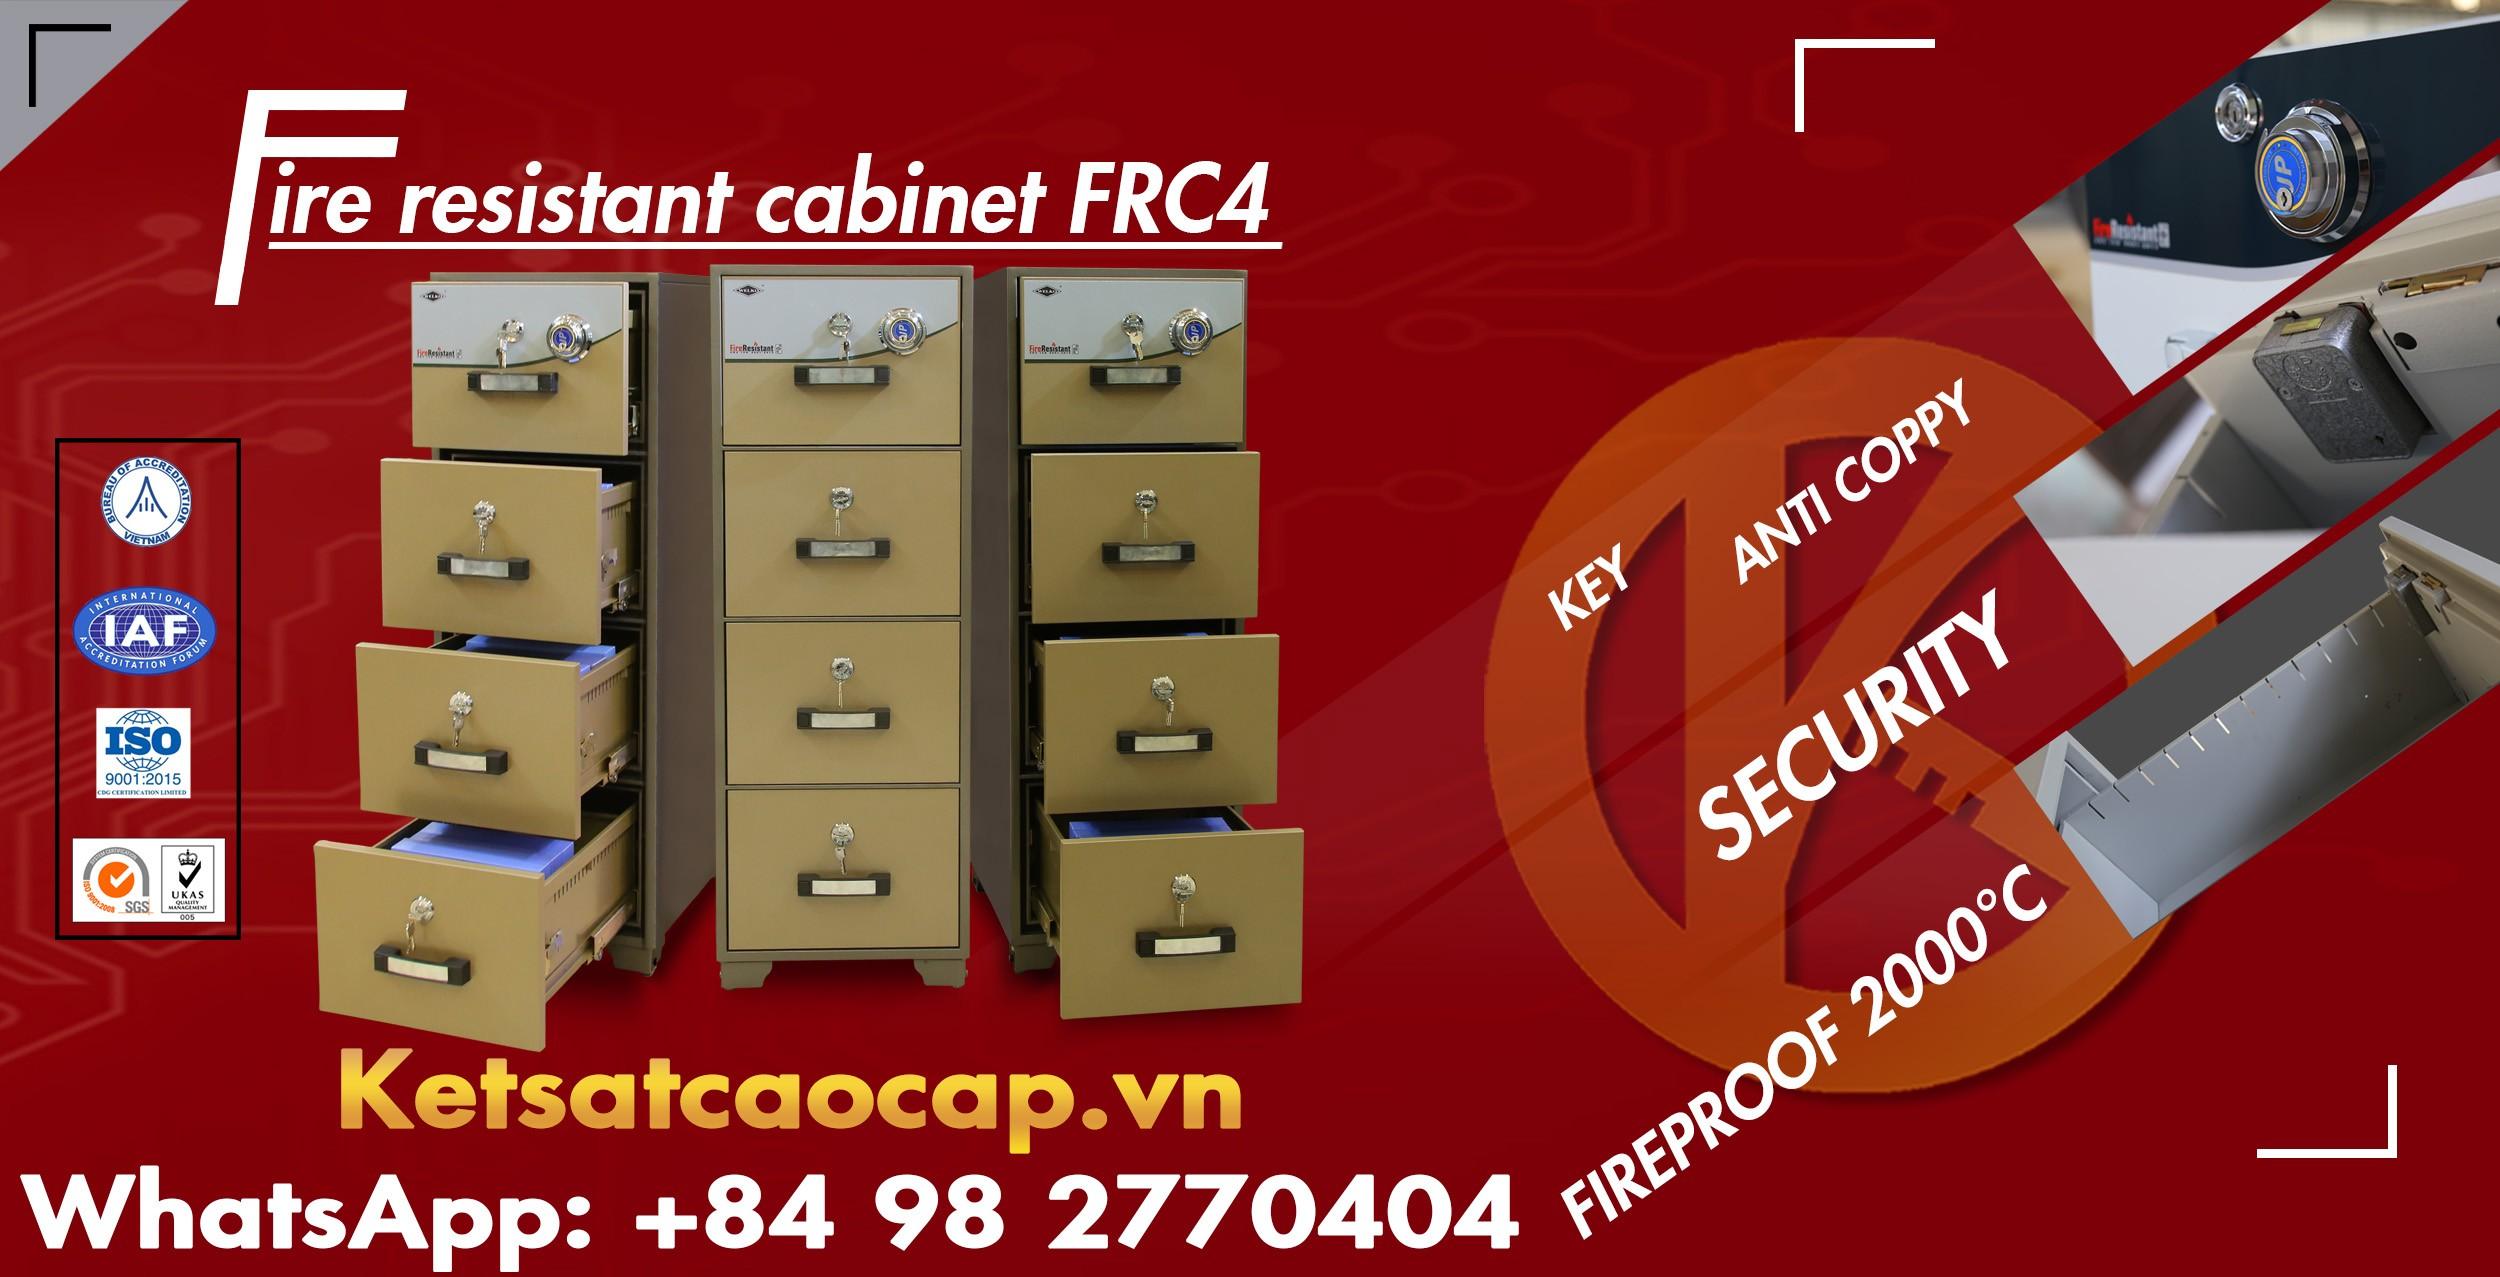 hình ảnh sản phẩm thanh lý tủ hồ sơ ngân hàng giá rẻ